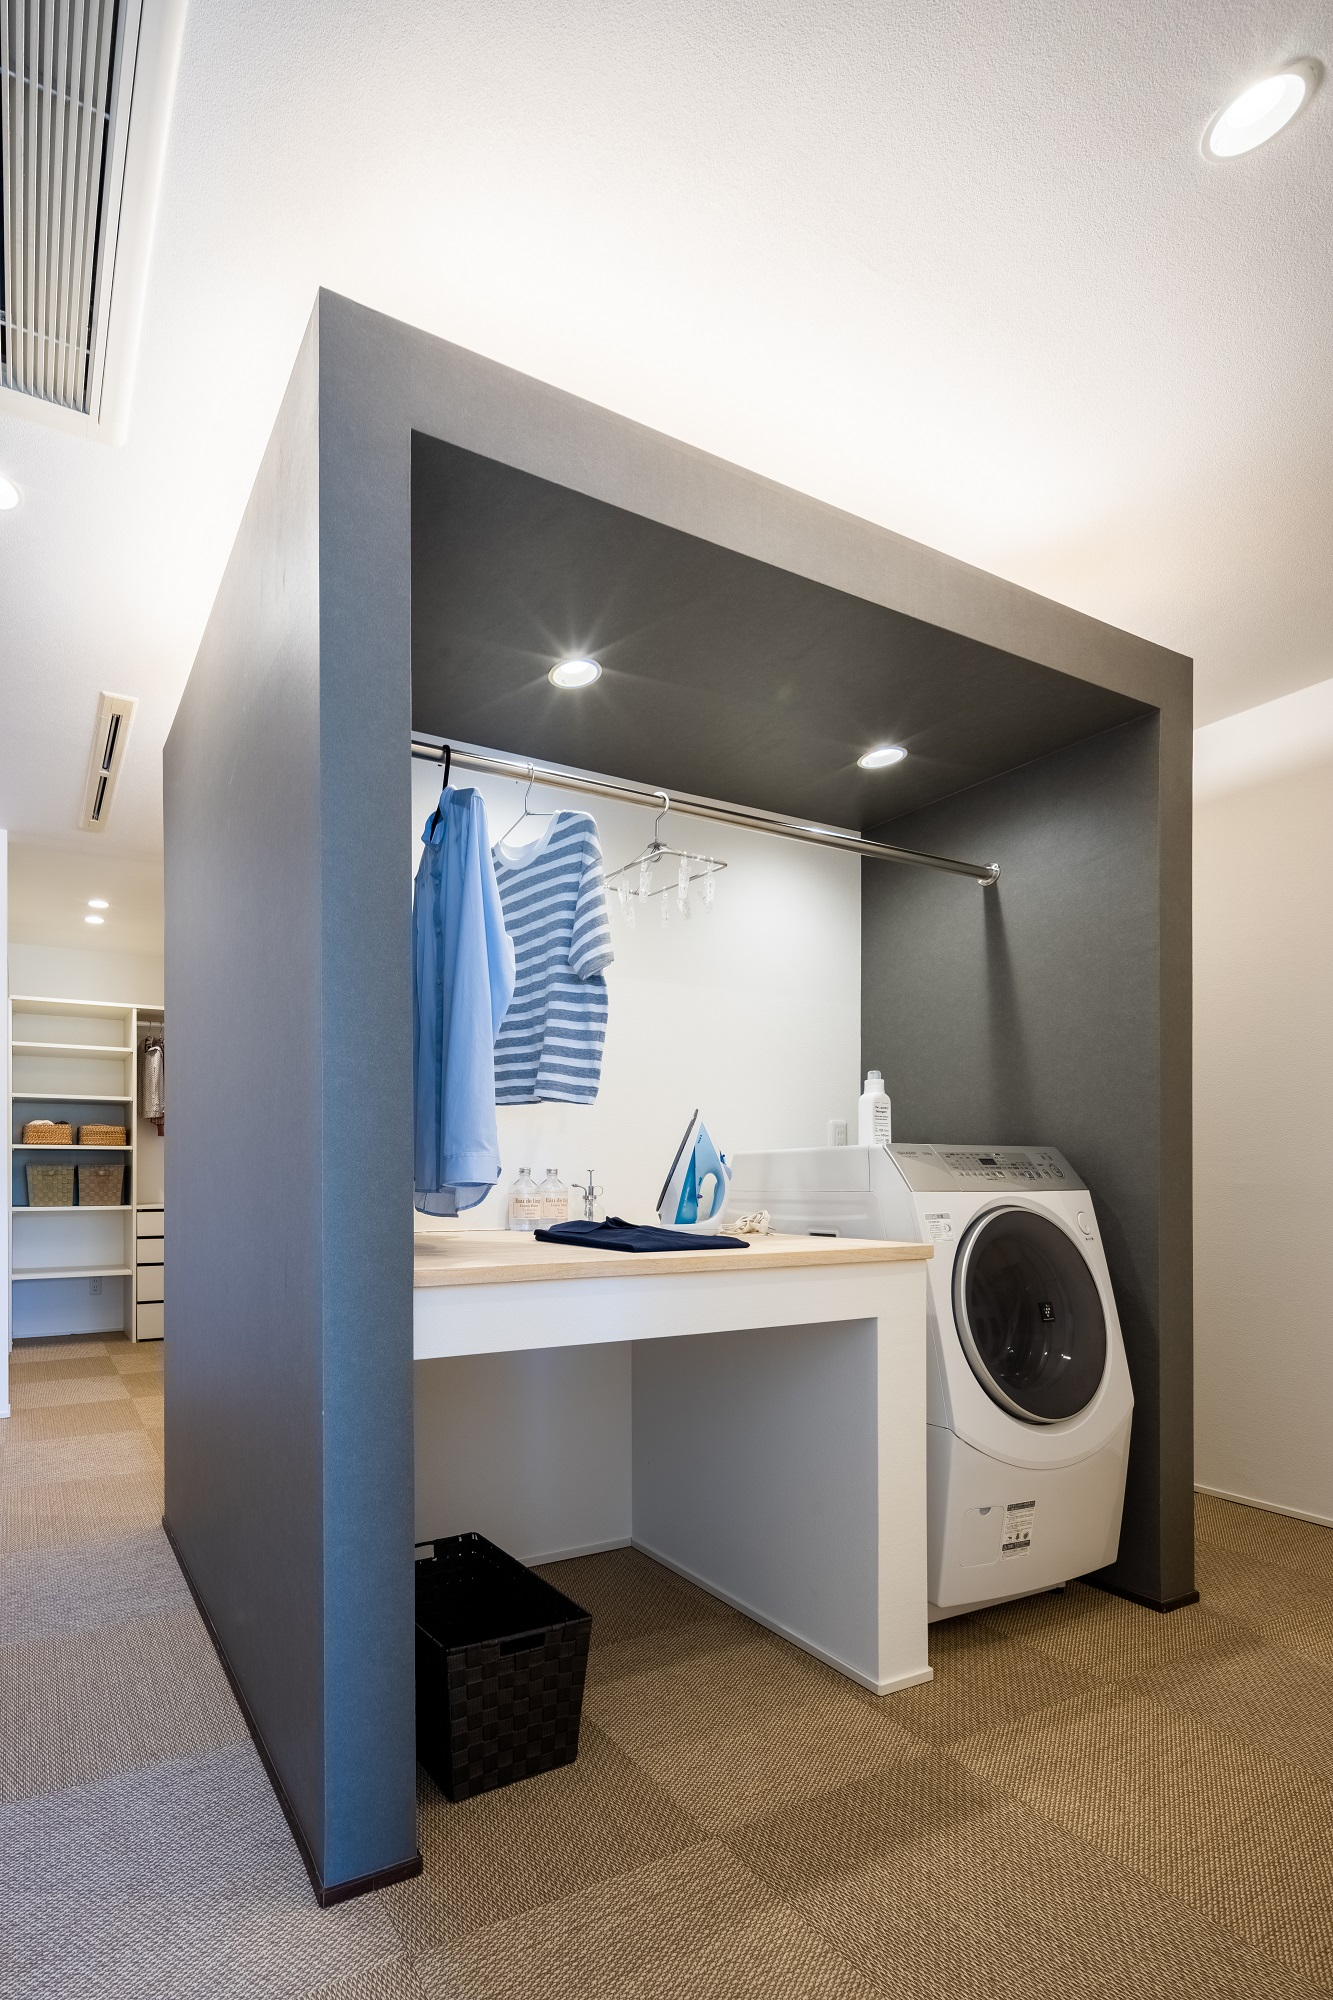 洗面化粧台の反対側には家事コーナーが。洗濯物を洗う、干す、アイロン掛けや片付けの動線までがコンパクトにまとまった家事ラクな間取りです。